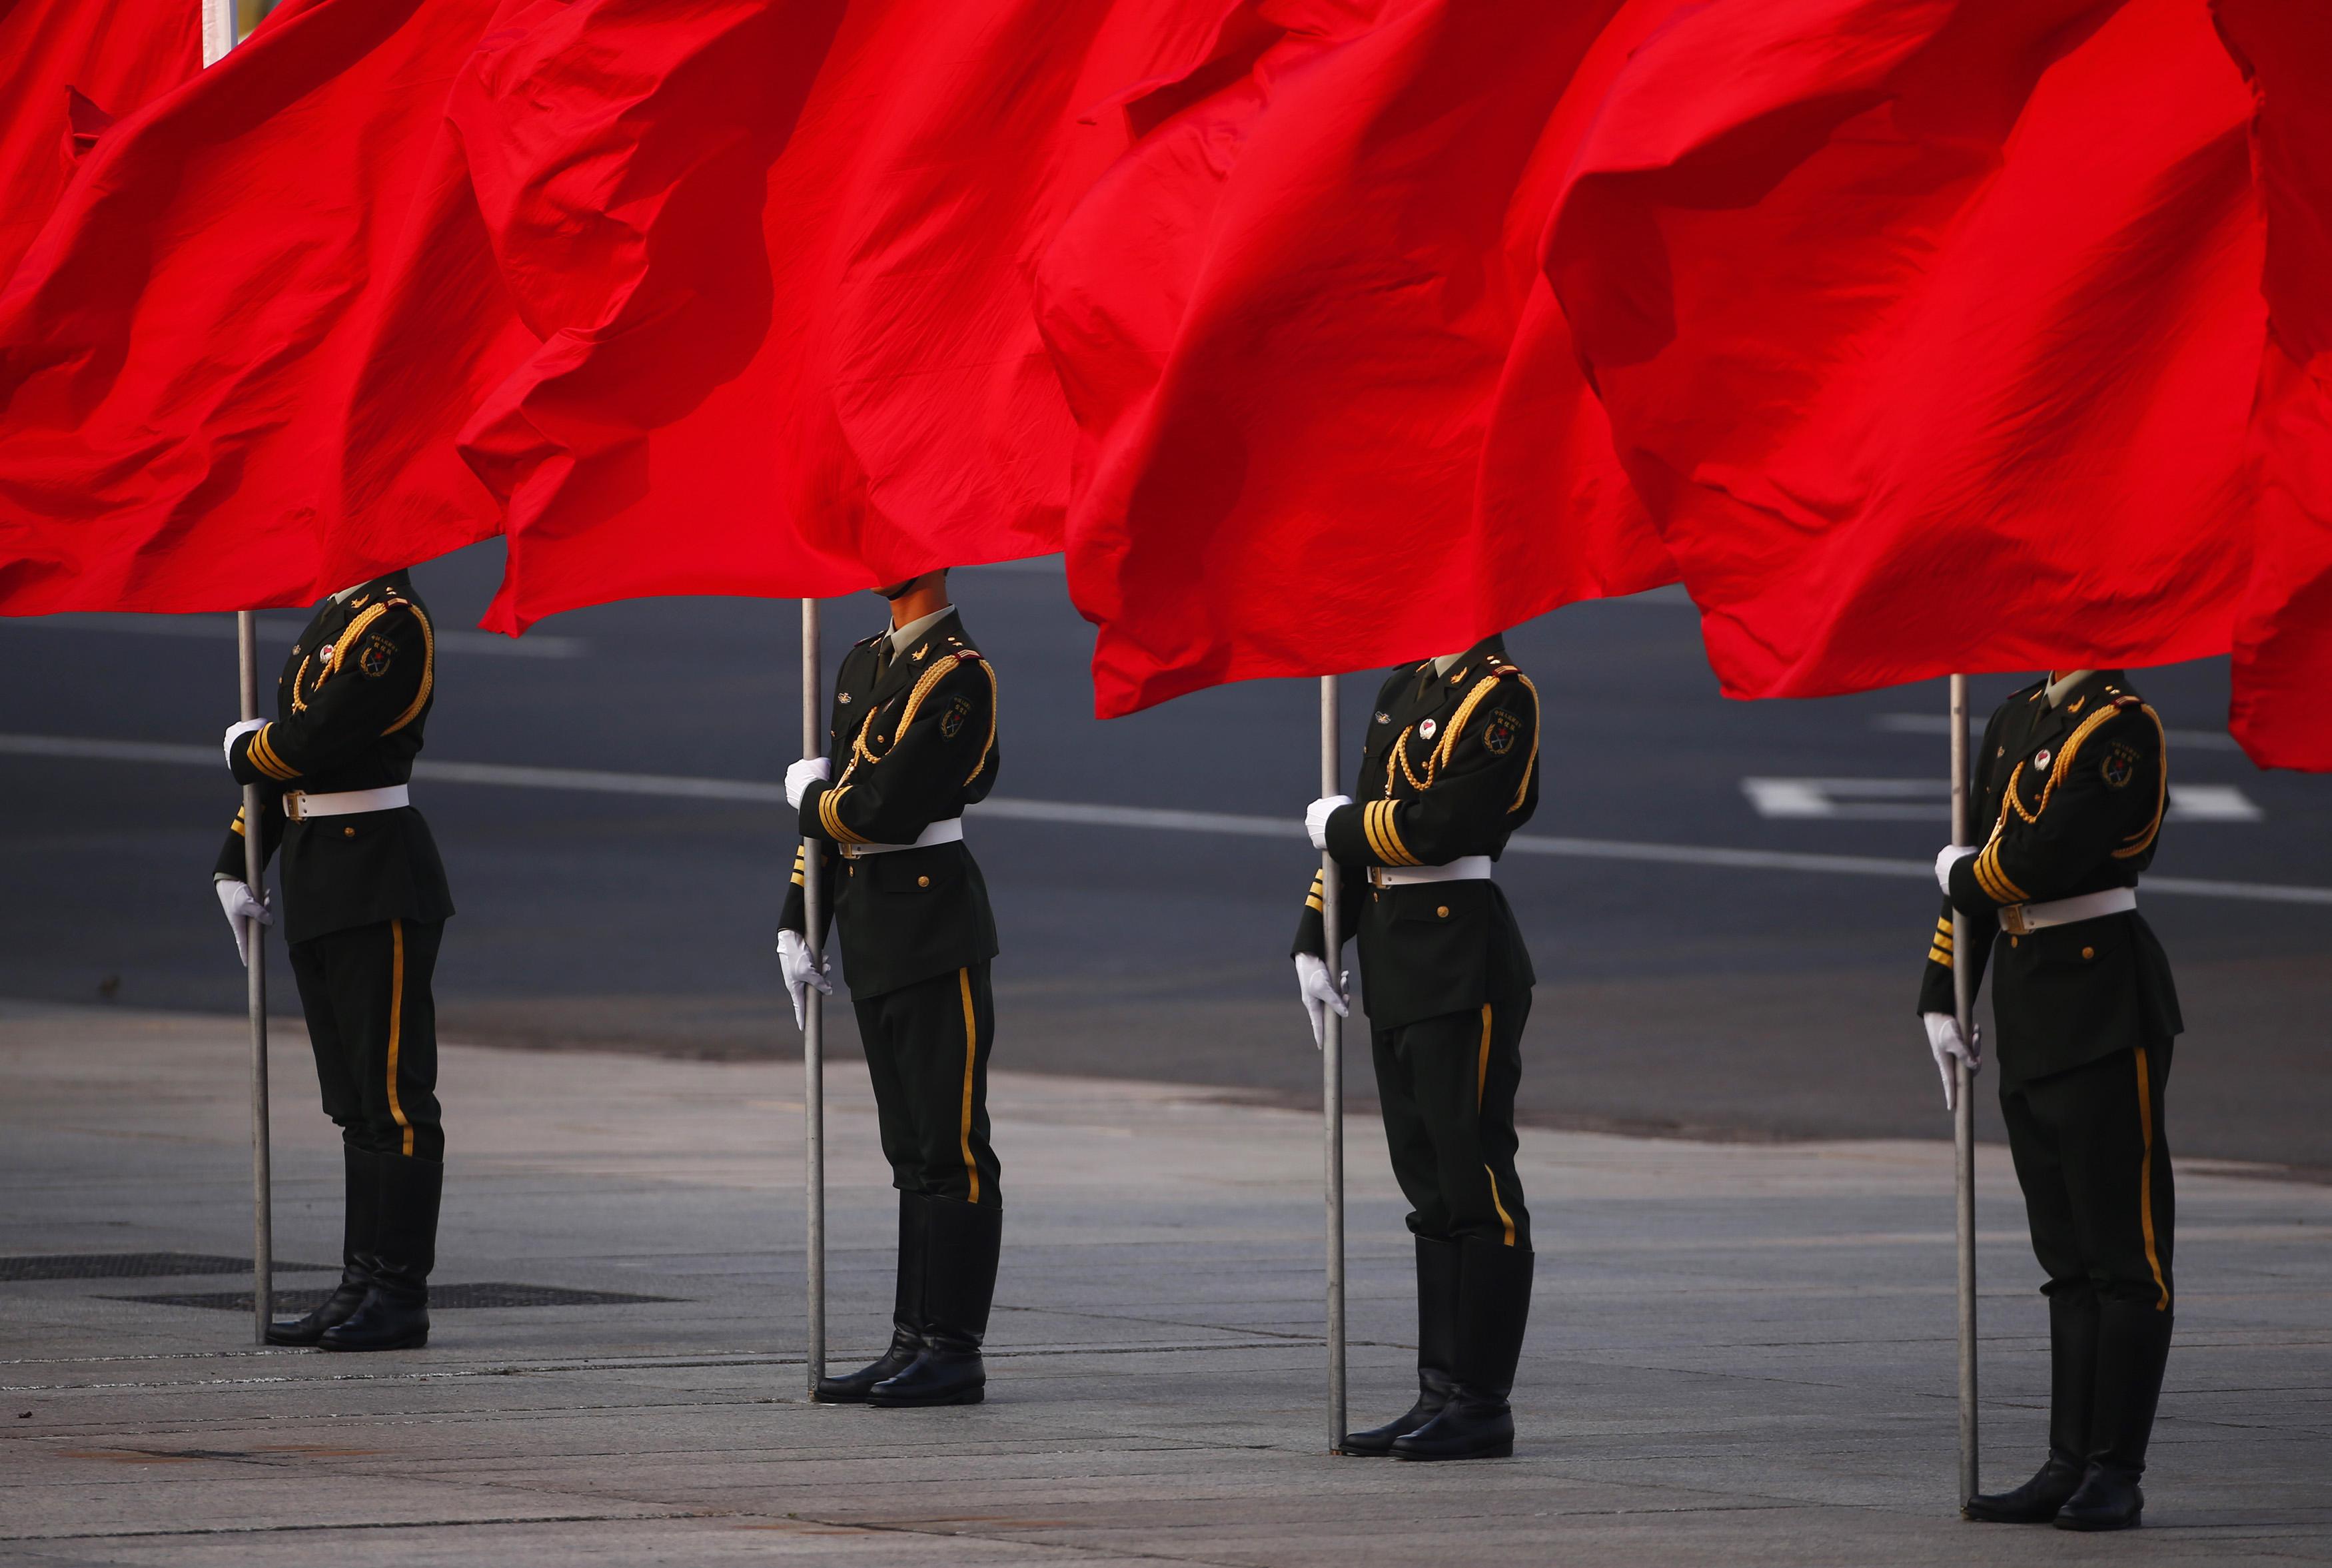 «Никто не ждет свистка из Пекина, чтобы напасть на Россию-матушку»